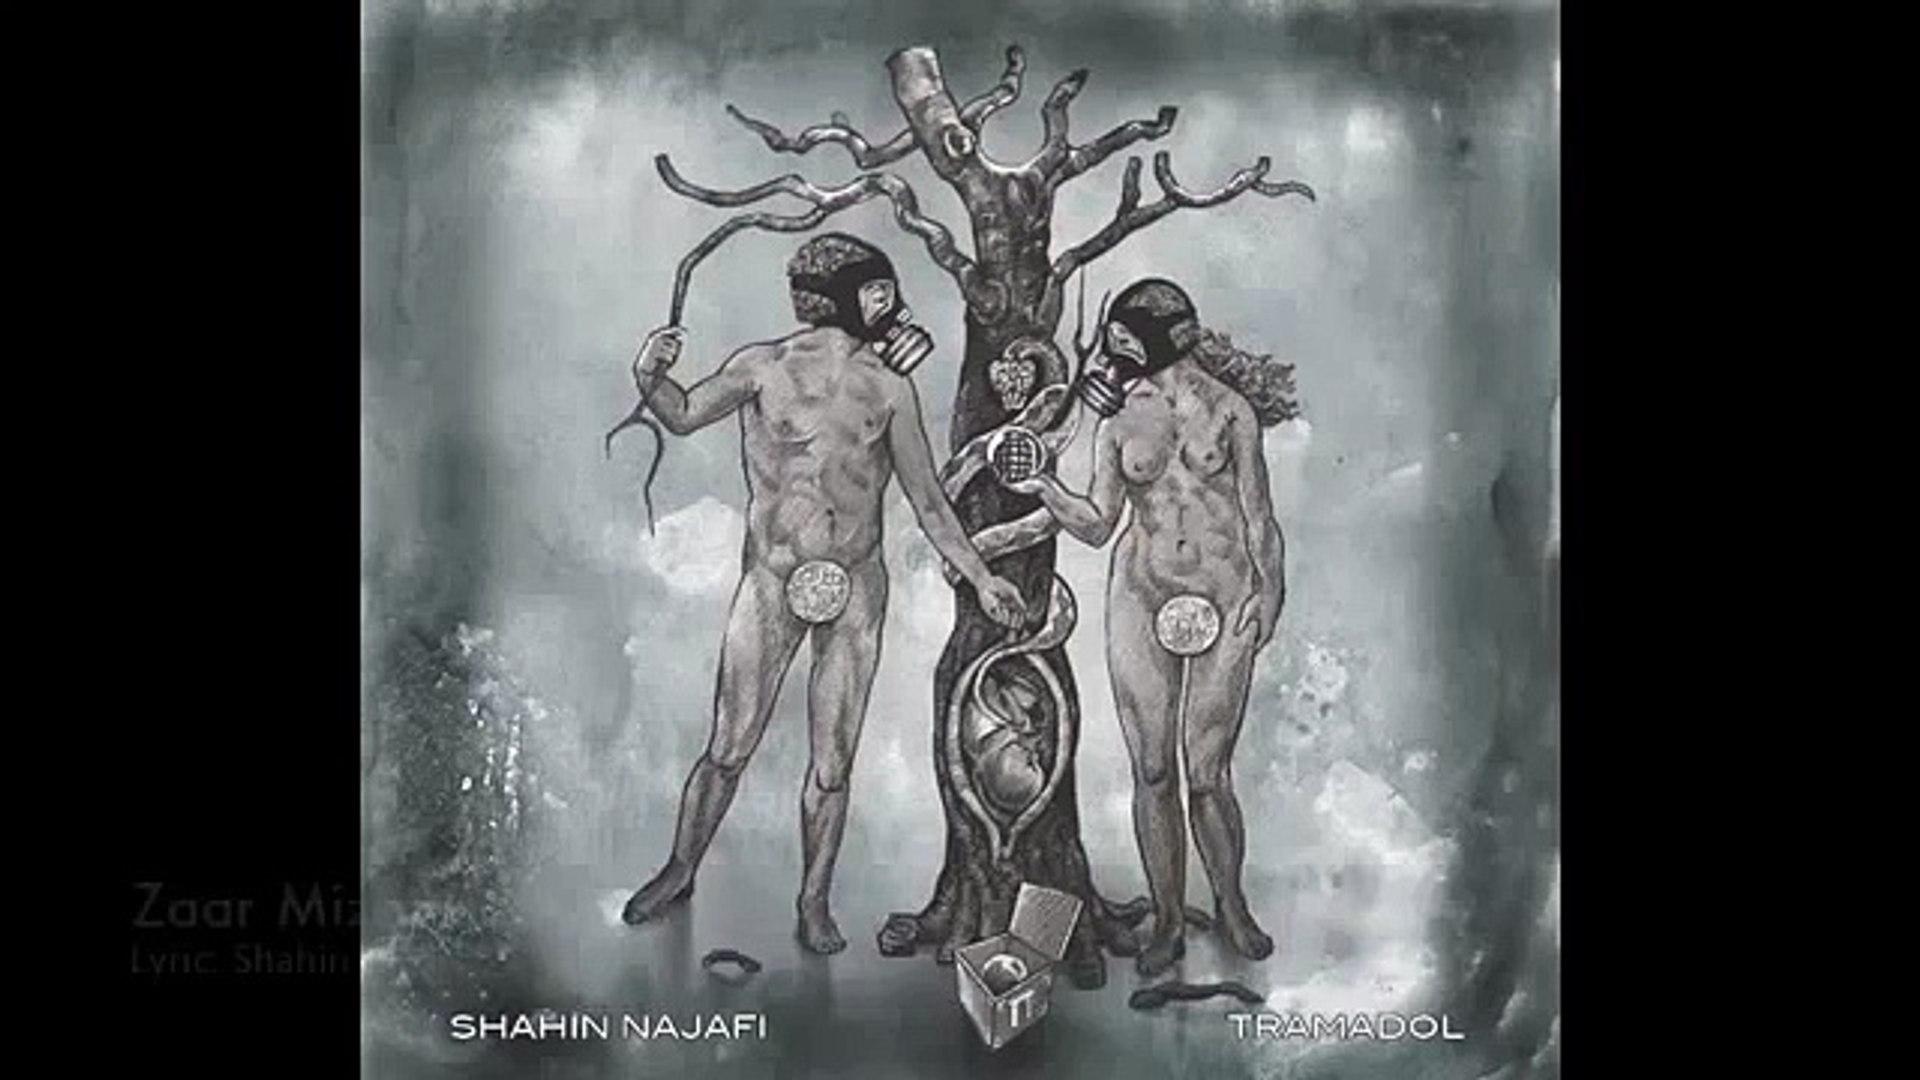 Zaar Mizanam Album Tramadol Shahin Najafi